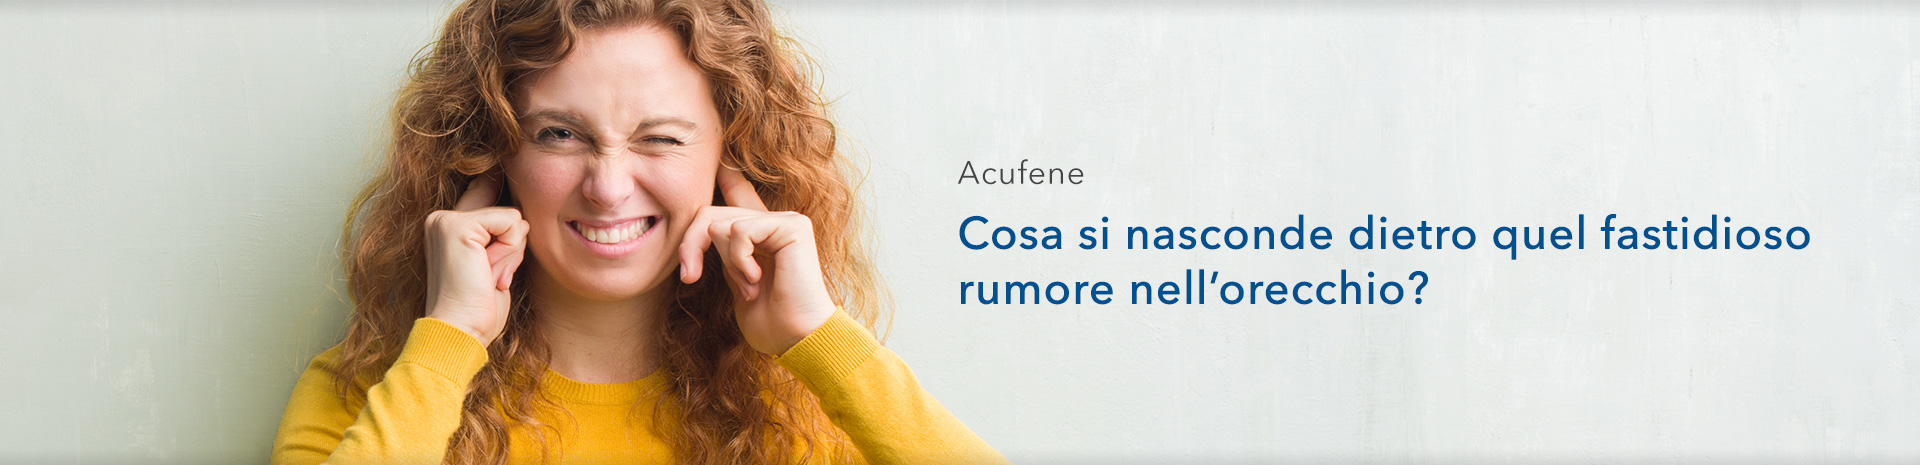 Acufene - GUIDA - SHOP FARMACIA